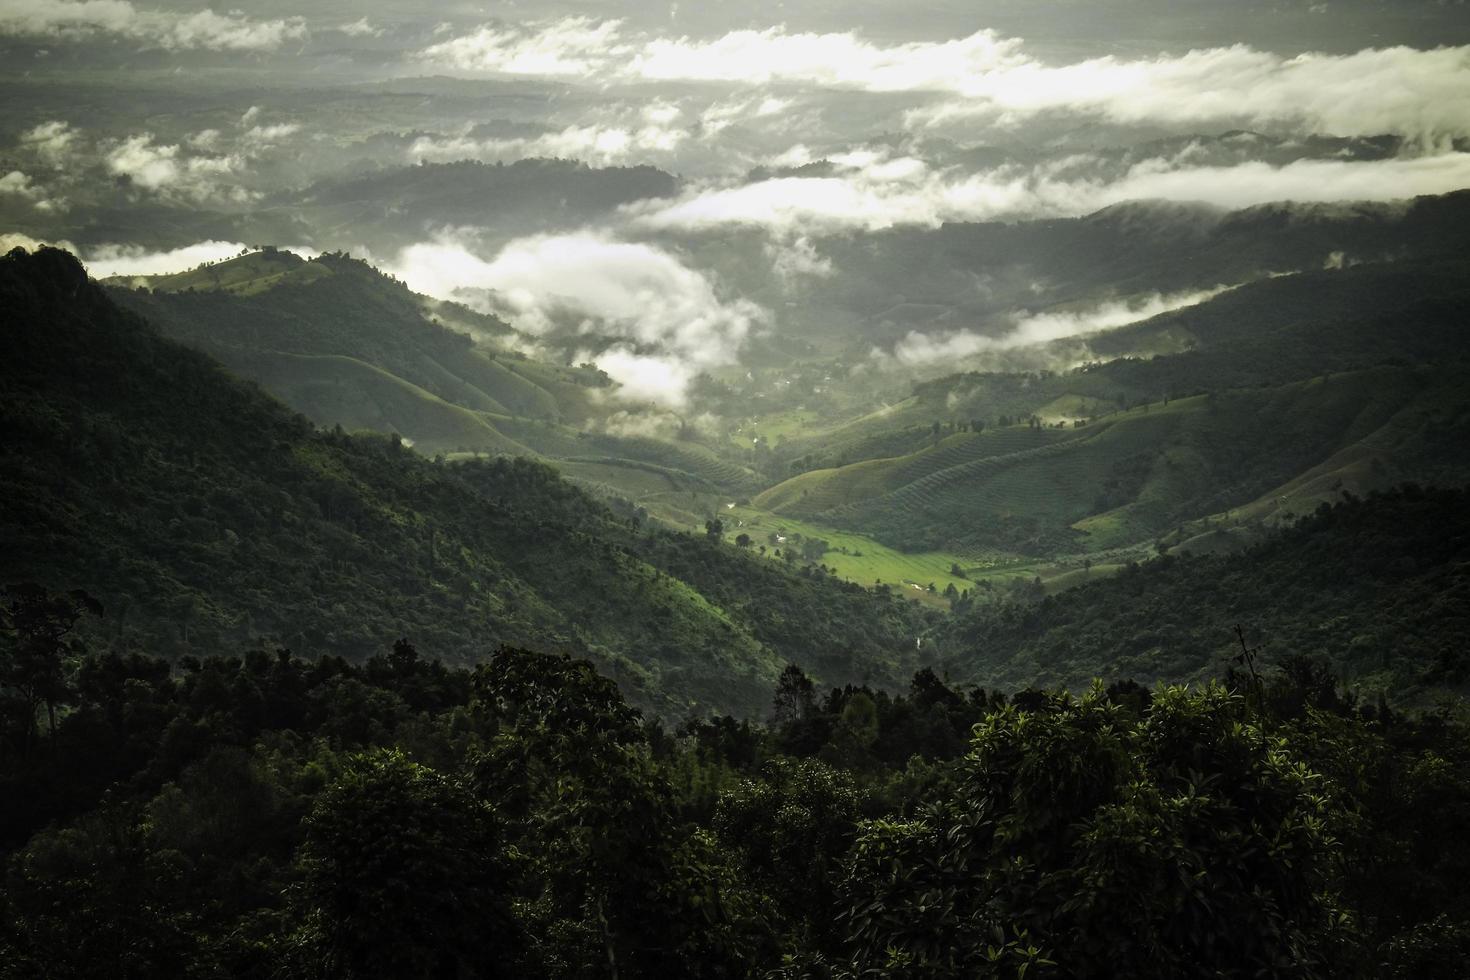 foresta pluviale tropicale verde e catena montuosa foto